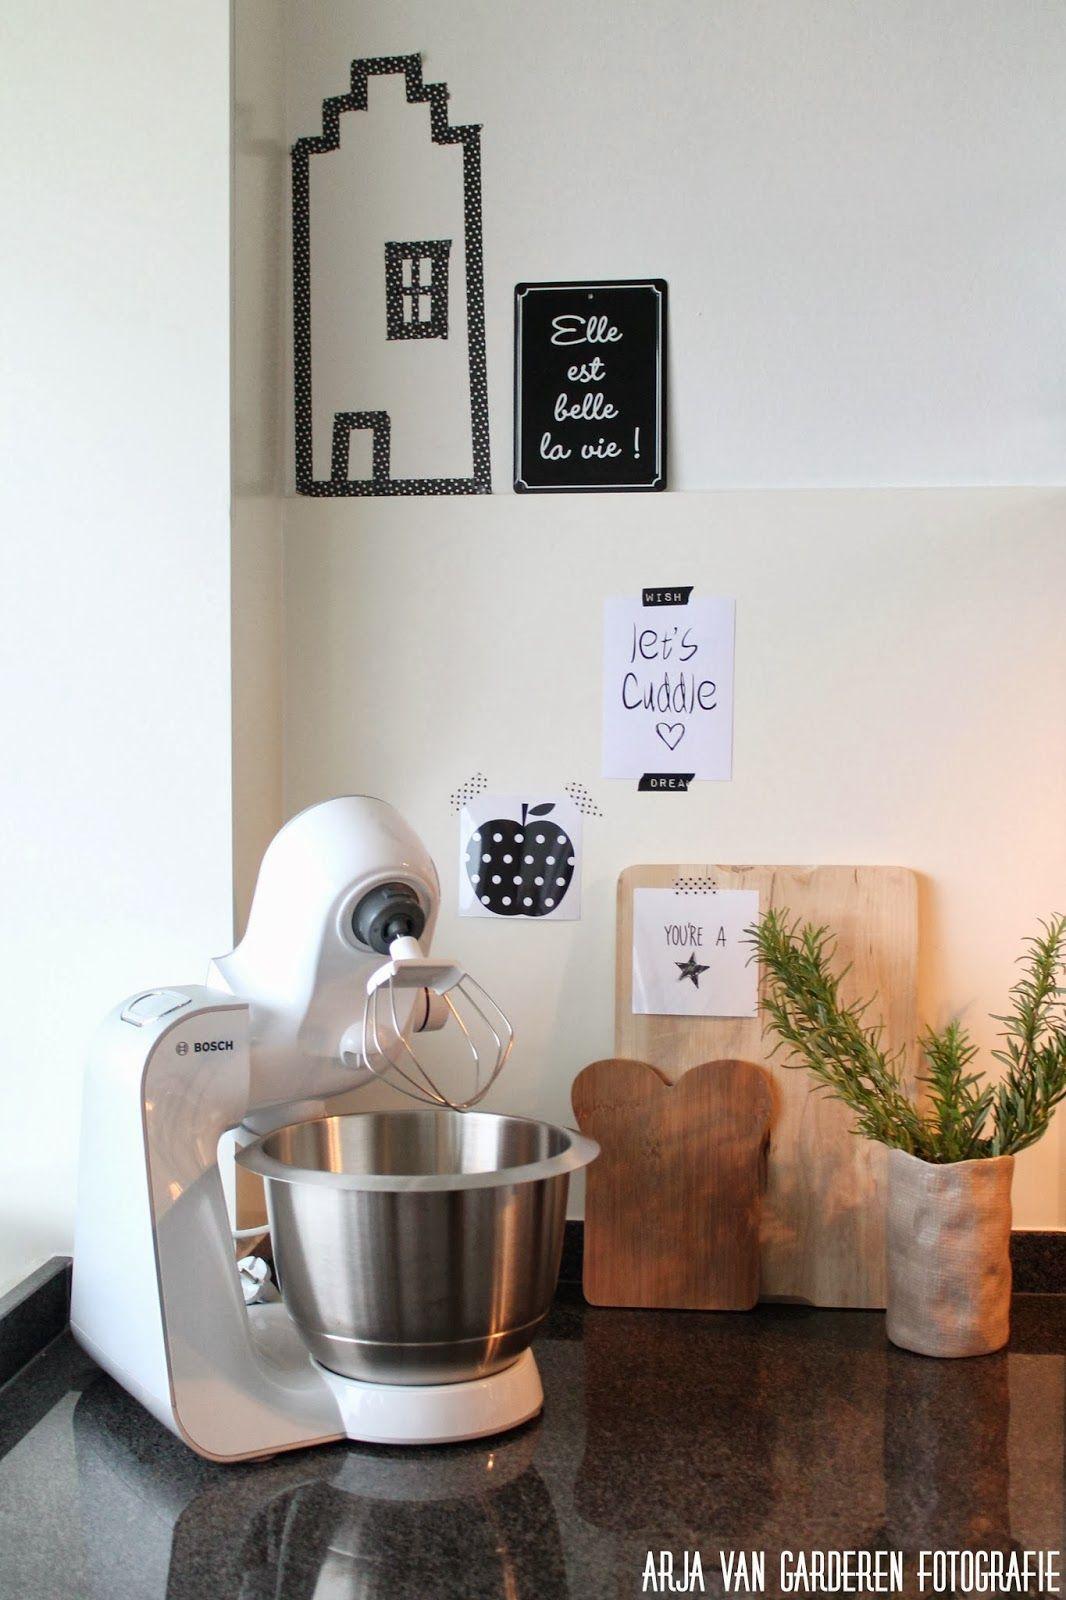 Zwart, wit & hout: Onze keuken + kringloopgelukjes #2 | interieur ...